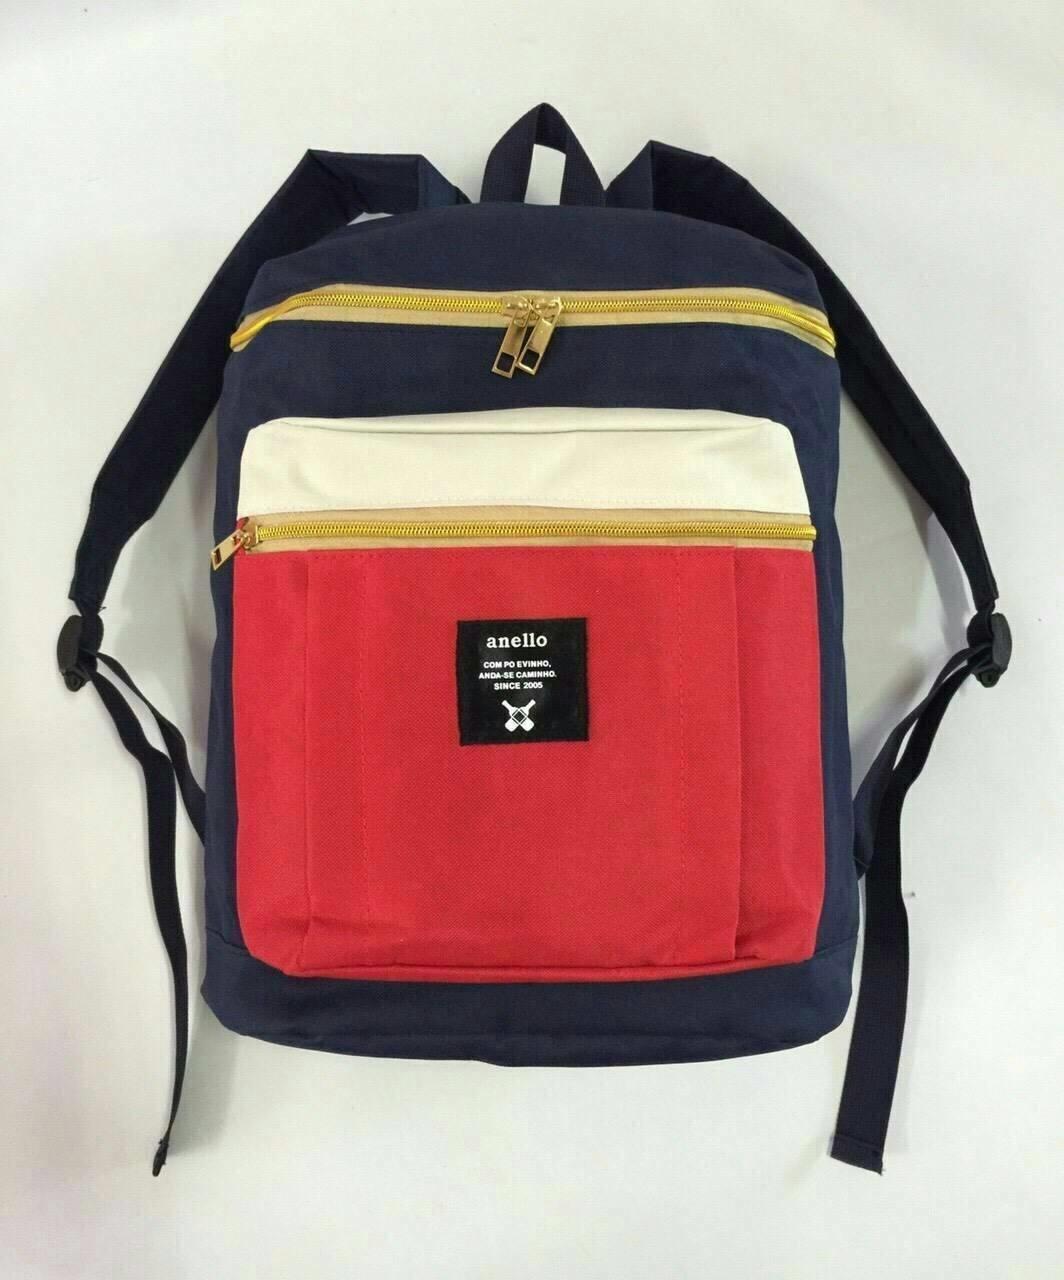 กระเป๋าเป้แฟชั่น สไตล์แบรนด์ สวยเก๋ ผ้าหนาอย่างดี มีช่องใส่ขวดน้ำด้านใน มีซิปหลัง ใส่เอกสารขนาด A4 โน๊ตบุ๊คได้ ขนาดกว้าง 11 นิ้ว สูง 16.5 นิ้ว